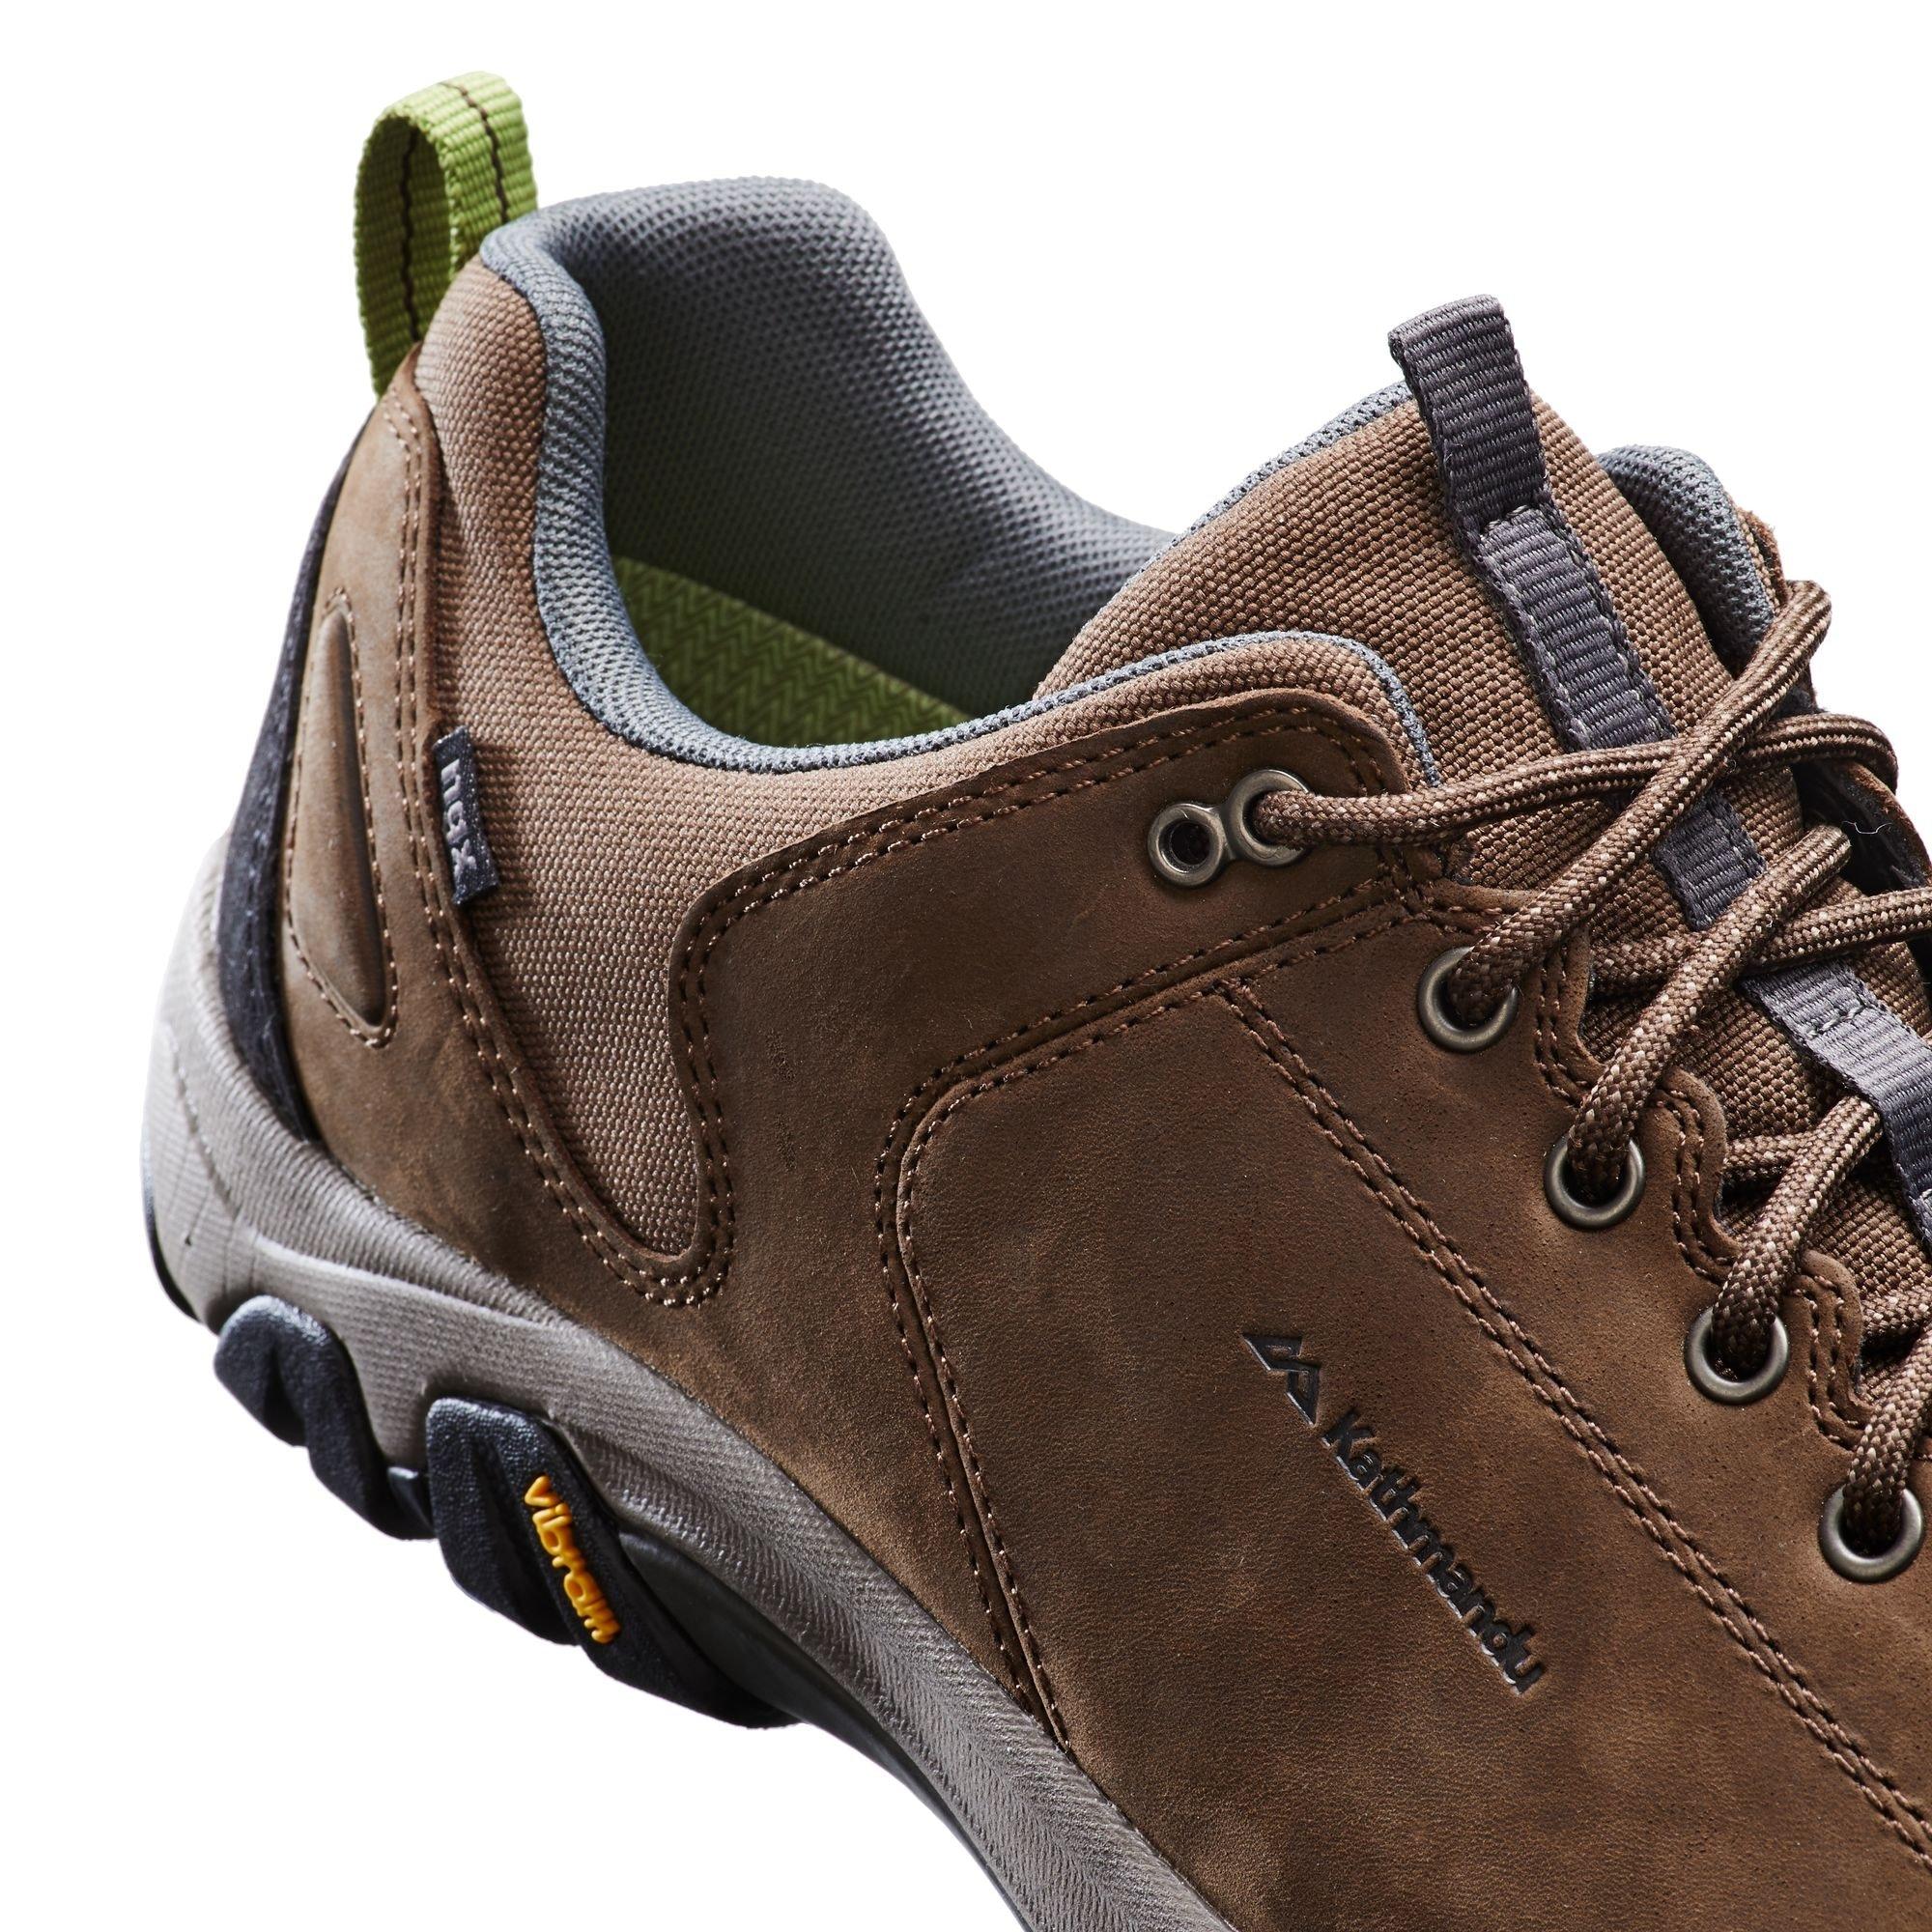 NEW-Kathmandu-Strowan-Men-039-s-Leather-Vibram-Sole-Waterproof-Hiking-Walking-Shoes